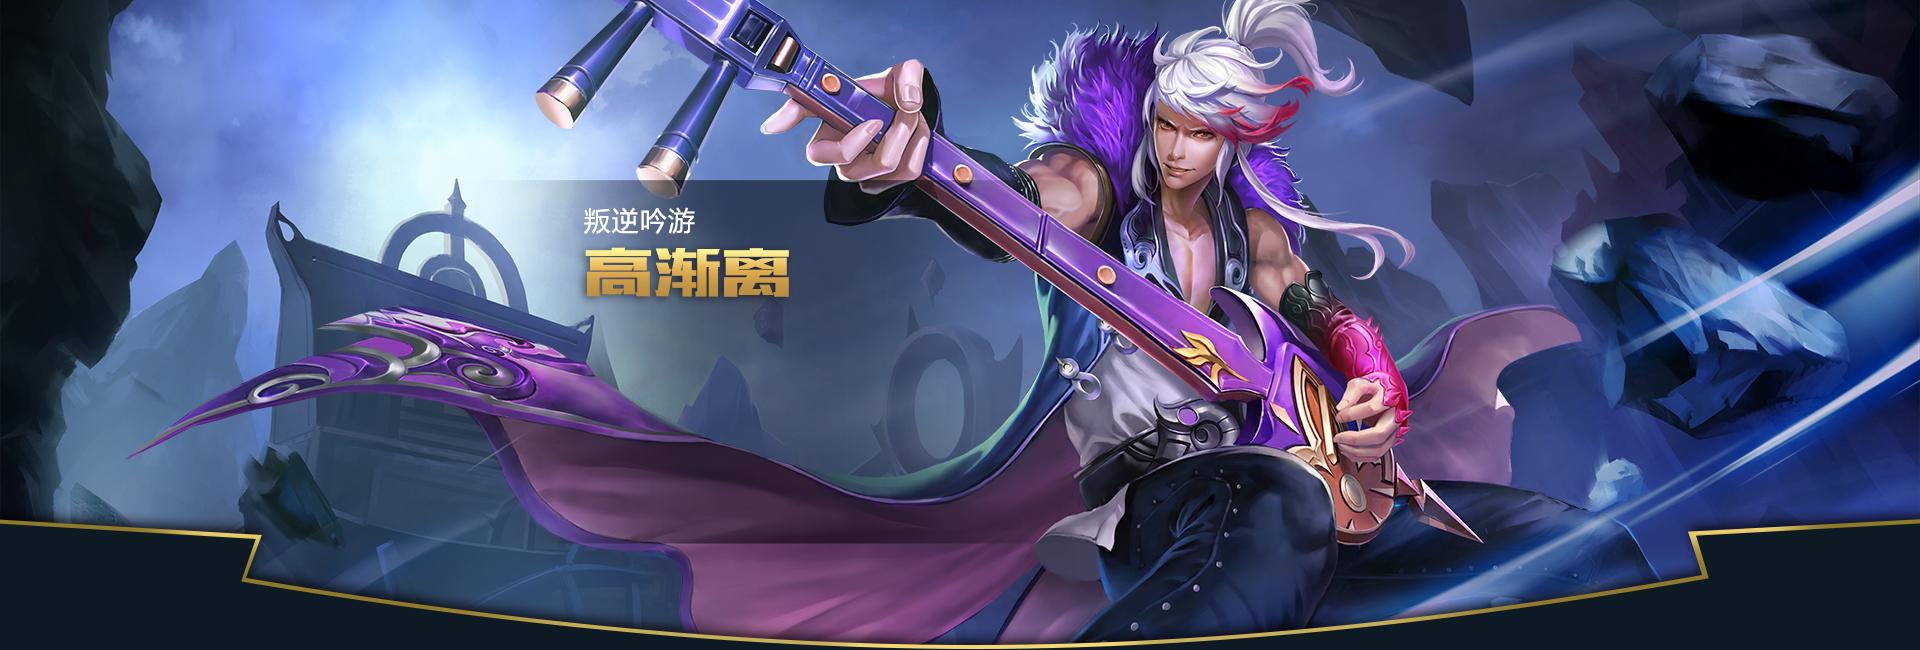 第2弹《王者荣耀英雄皮肤CG》竞技游戏110